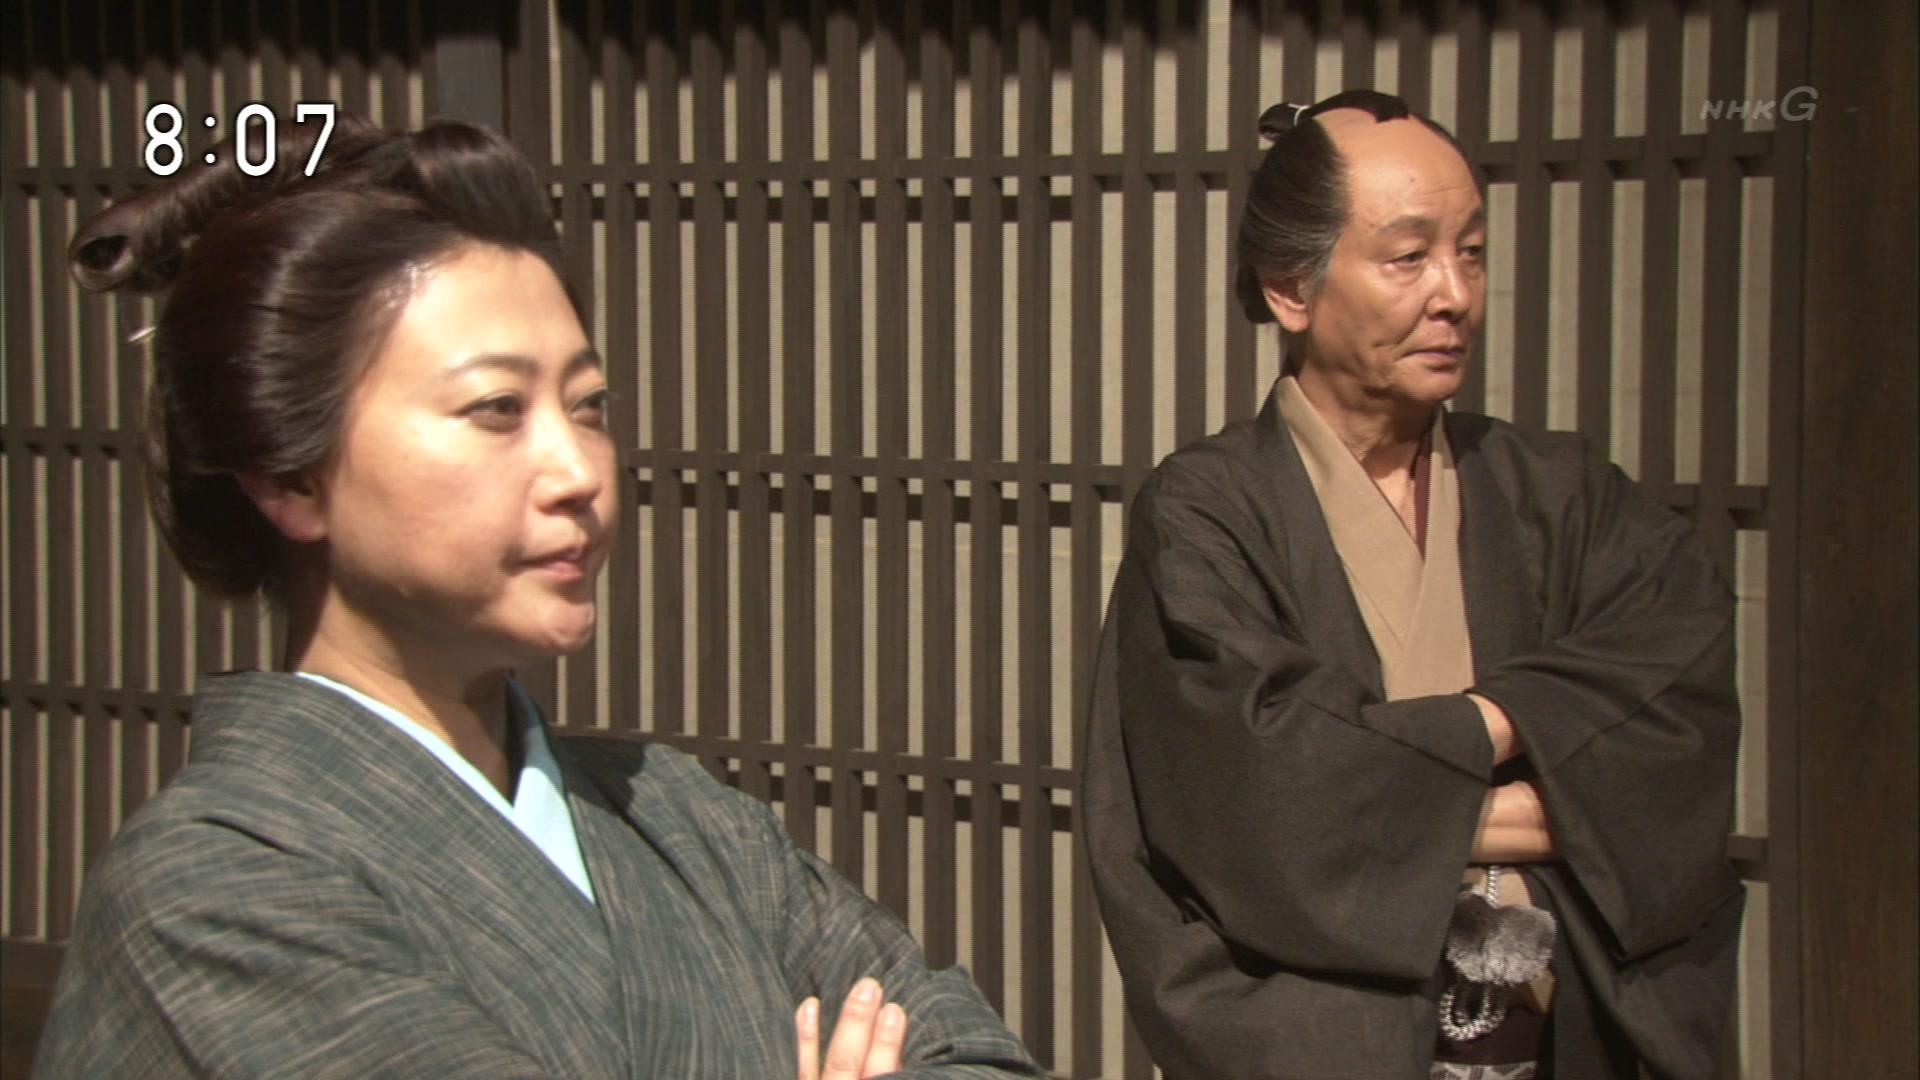 2015-10-14 08:00 連続テレビ小説 あさが来た(15)「新選組参上!」 1330